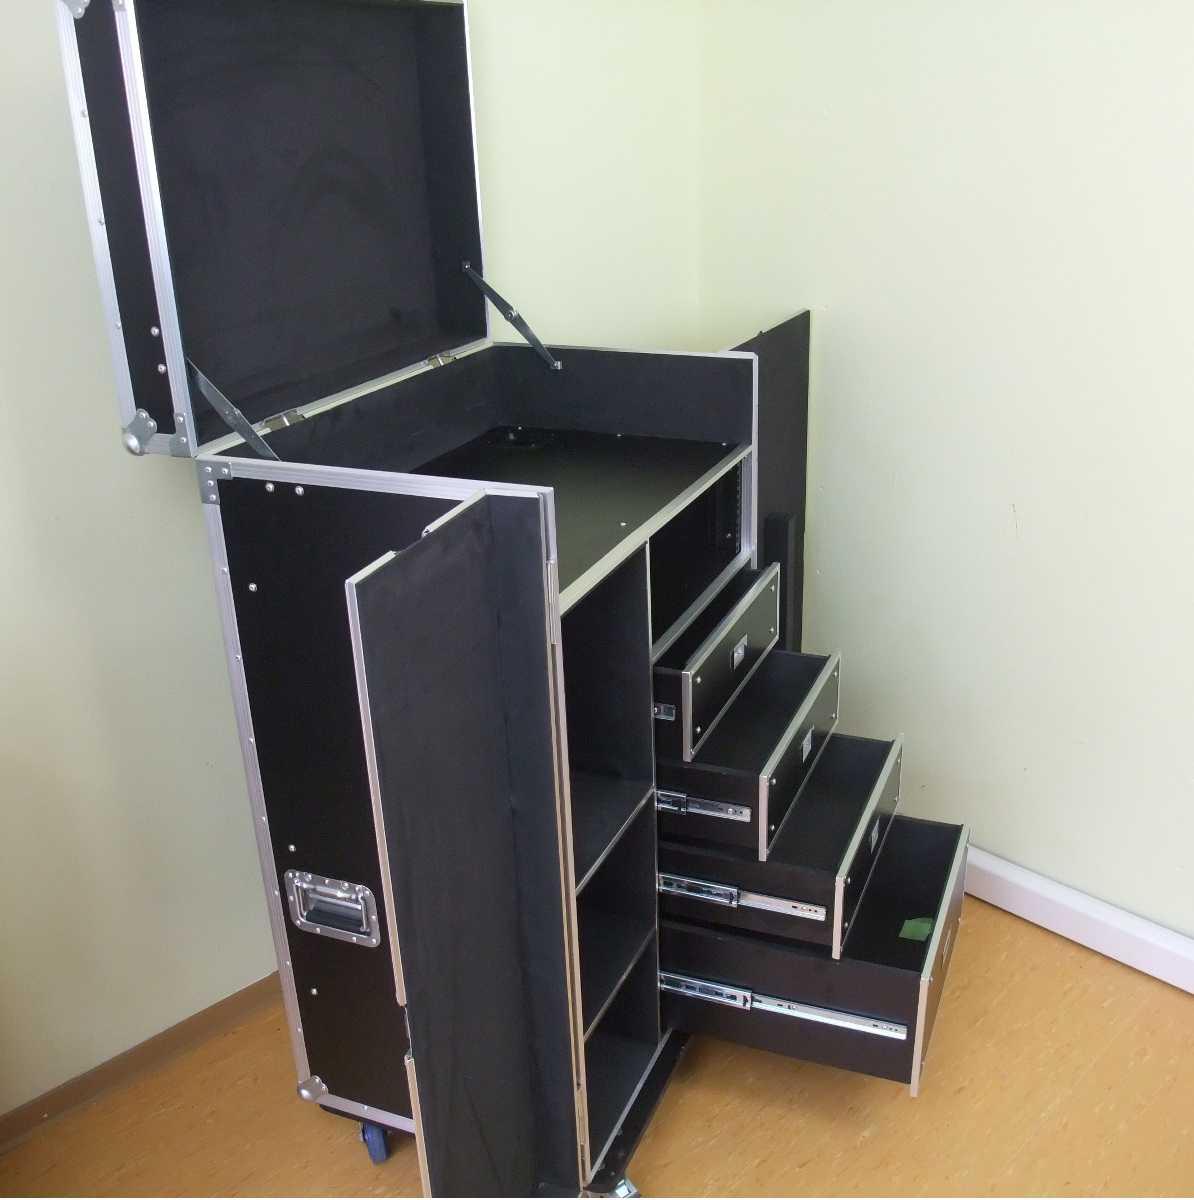 universal schubladen case dpc 1 rollbar tisch tourcase roadiecase transportcase ebay. Black Bedroom Furniture Sets. Home Design Ideas